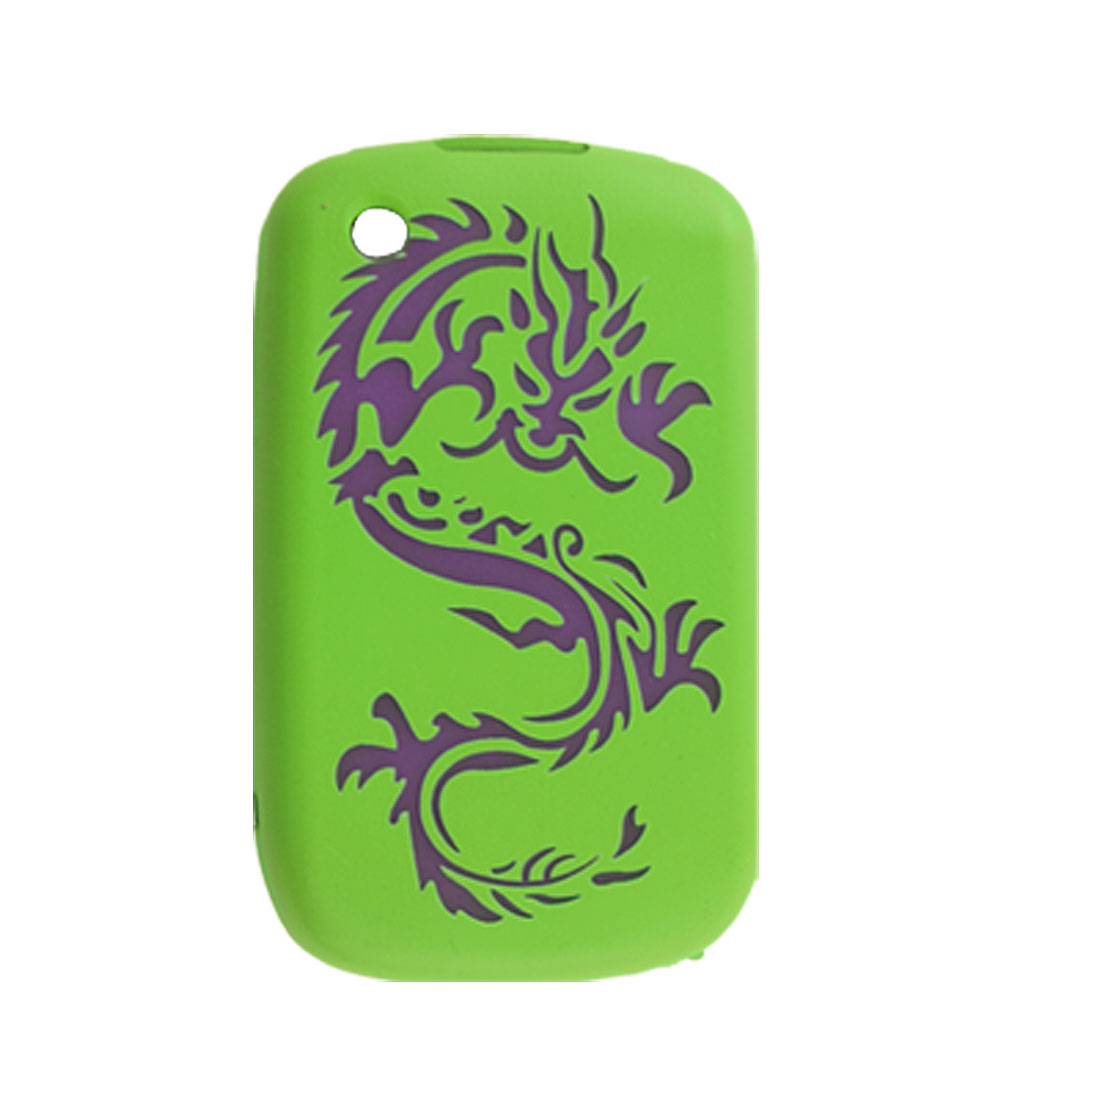 Purple Dragon Print Green Silicone Skin Case for Blackberry 9630